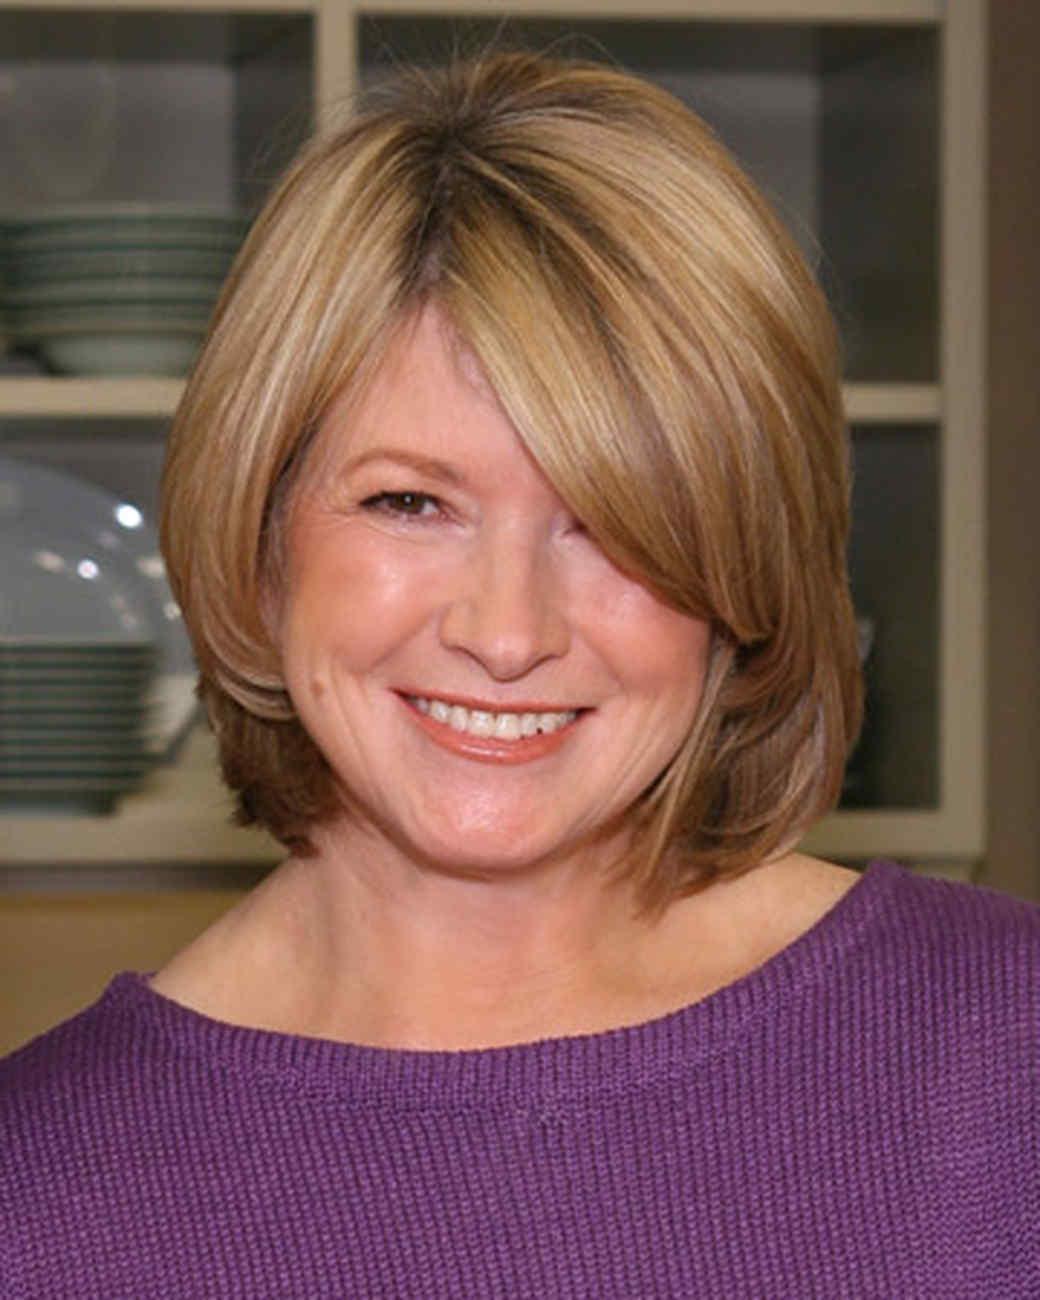 Martha Stewart Signature